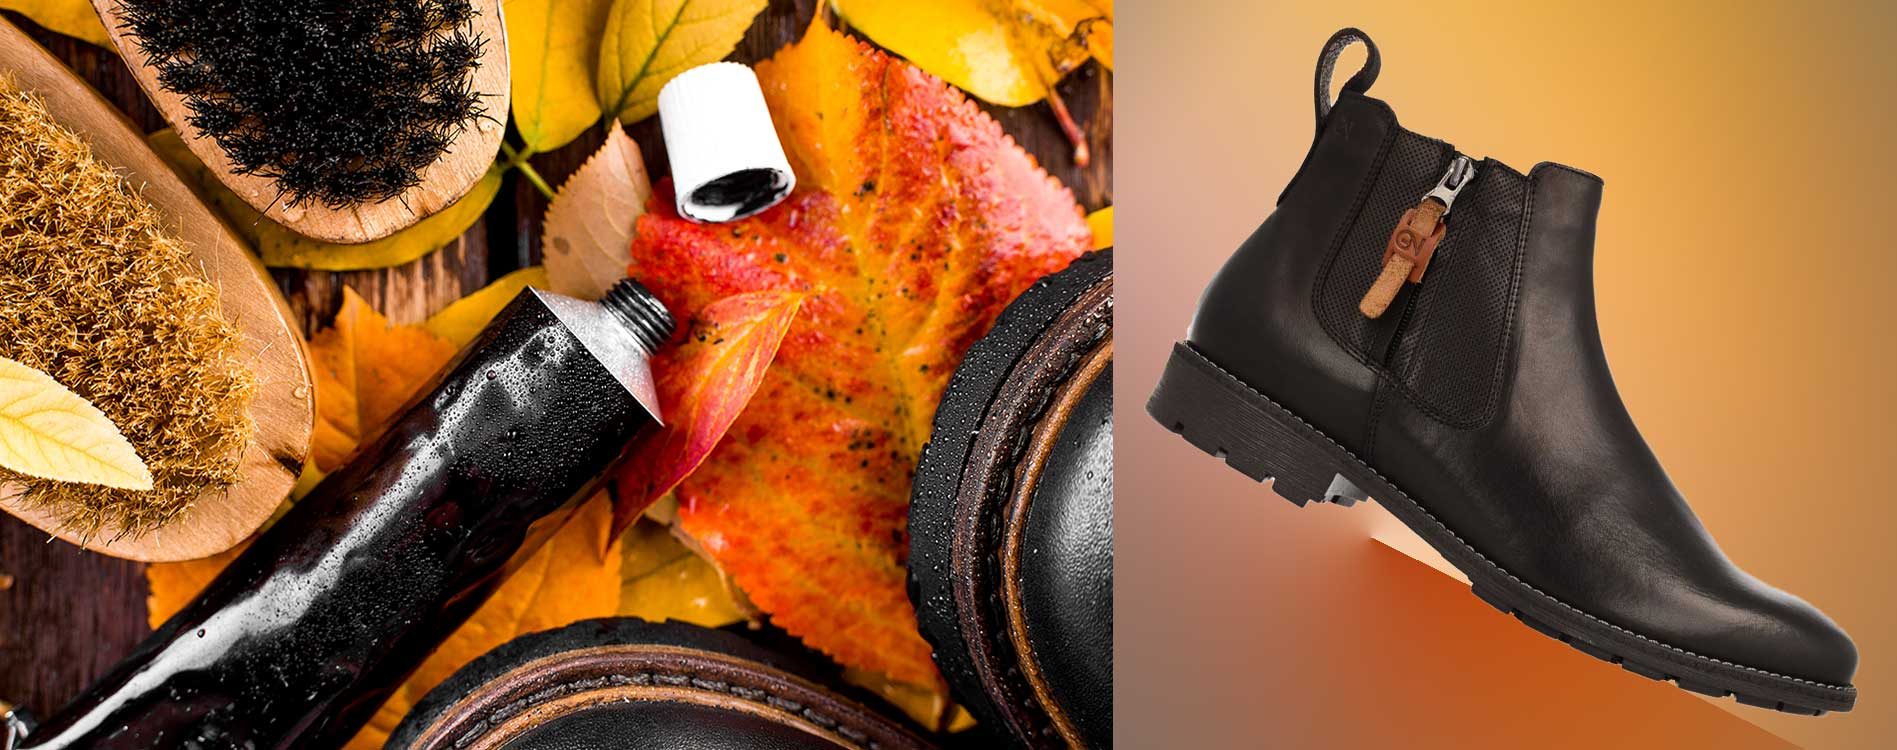 Pielęgnacja obuwia - kosmetyki do butów